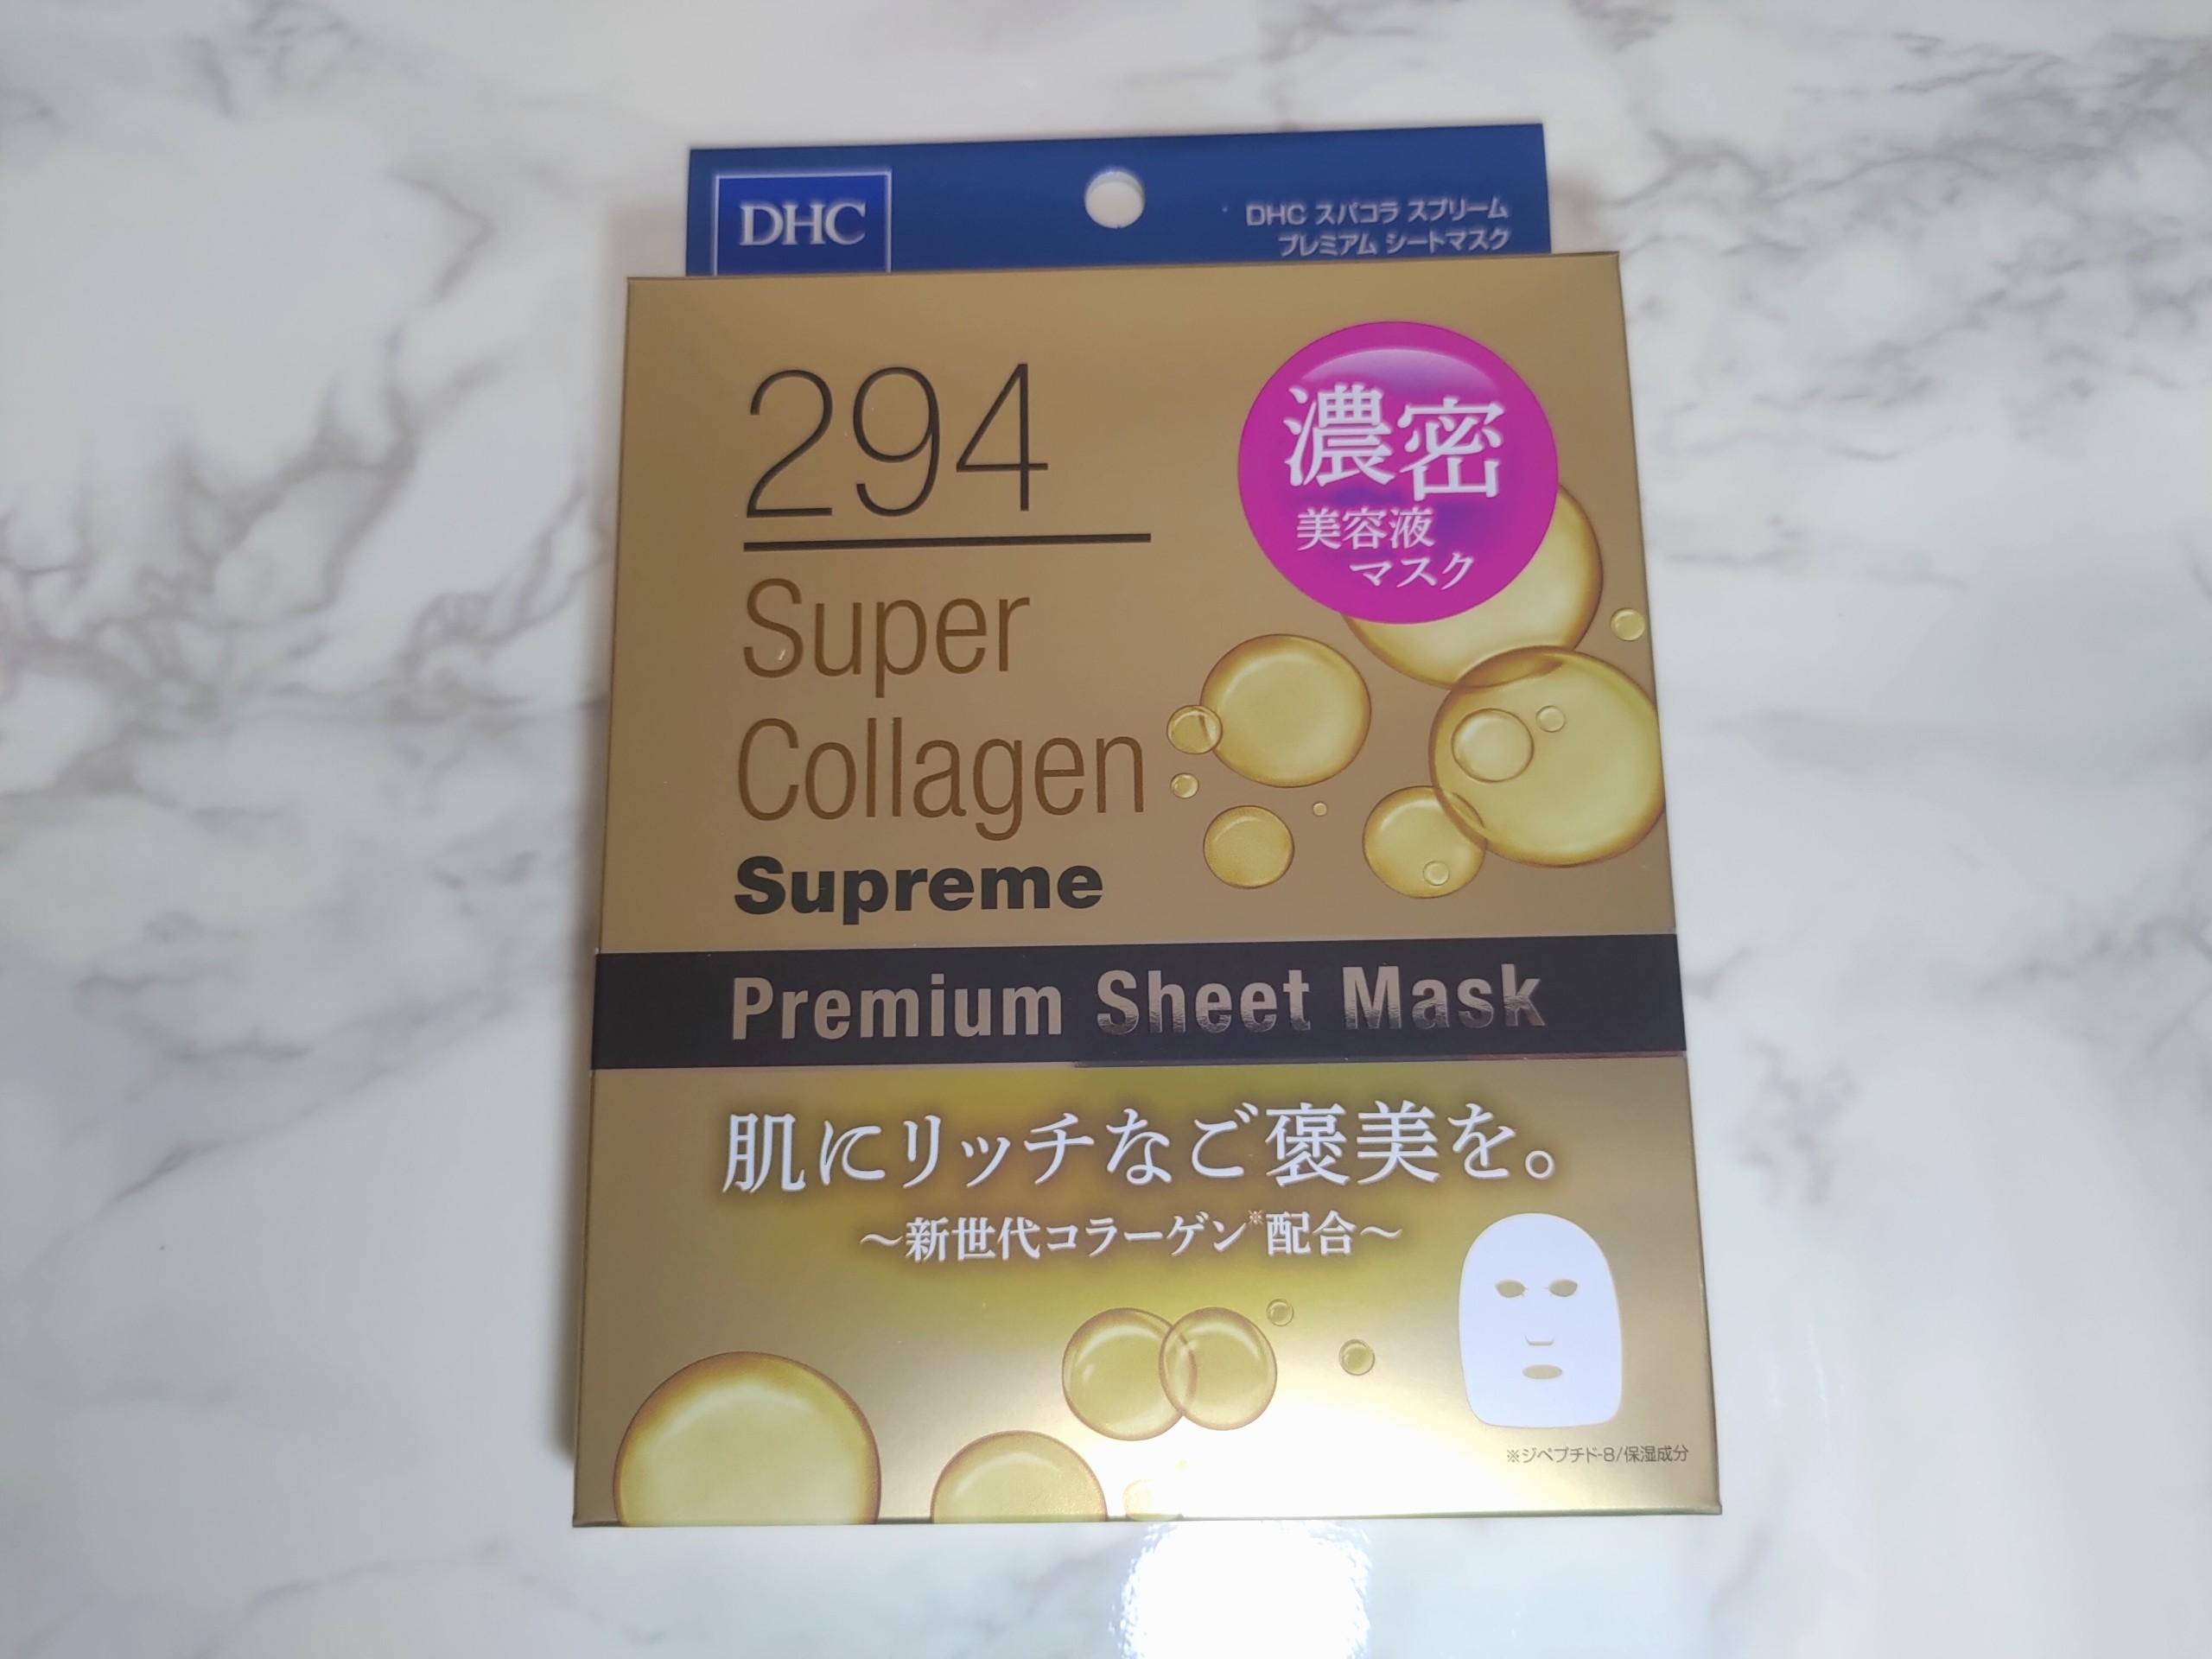 DHC スーパーコラーゲン スプリーム プレミアムシートマスク